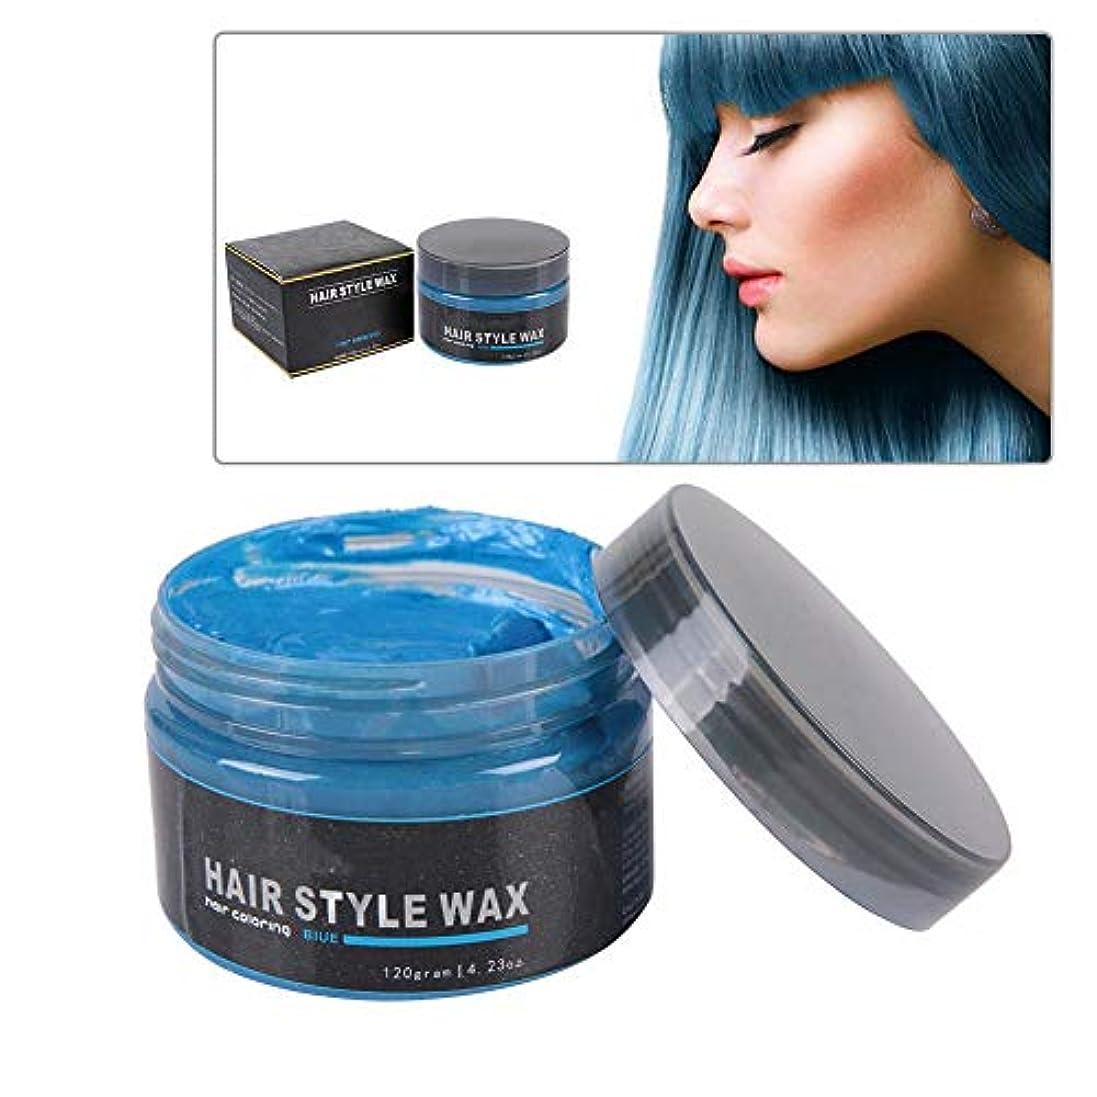 水分ジャンプ別々に使い捨ての新しいヘアカラーワックス、染毛剤の着色泥のヘアスタイルモデリングクリーム120グラム(ブルー)